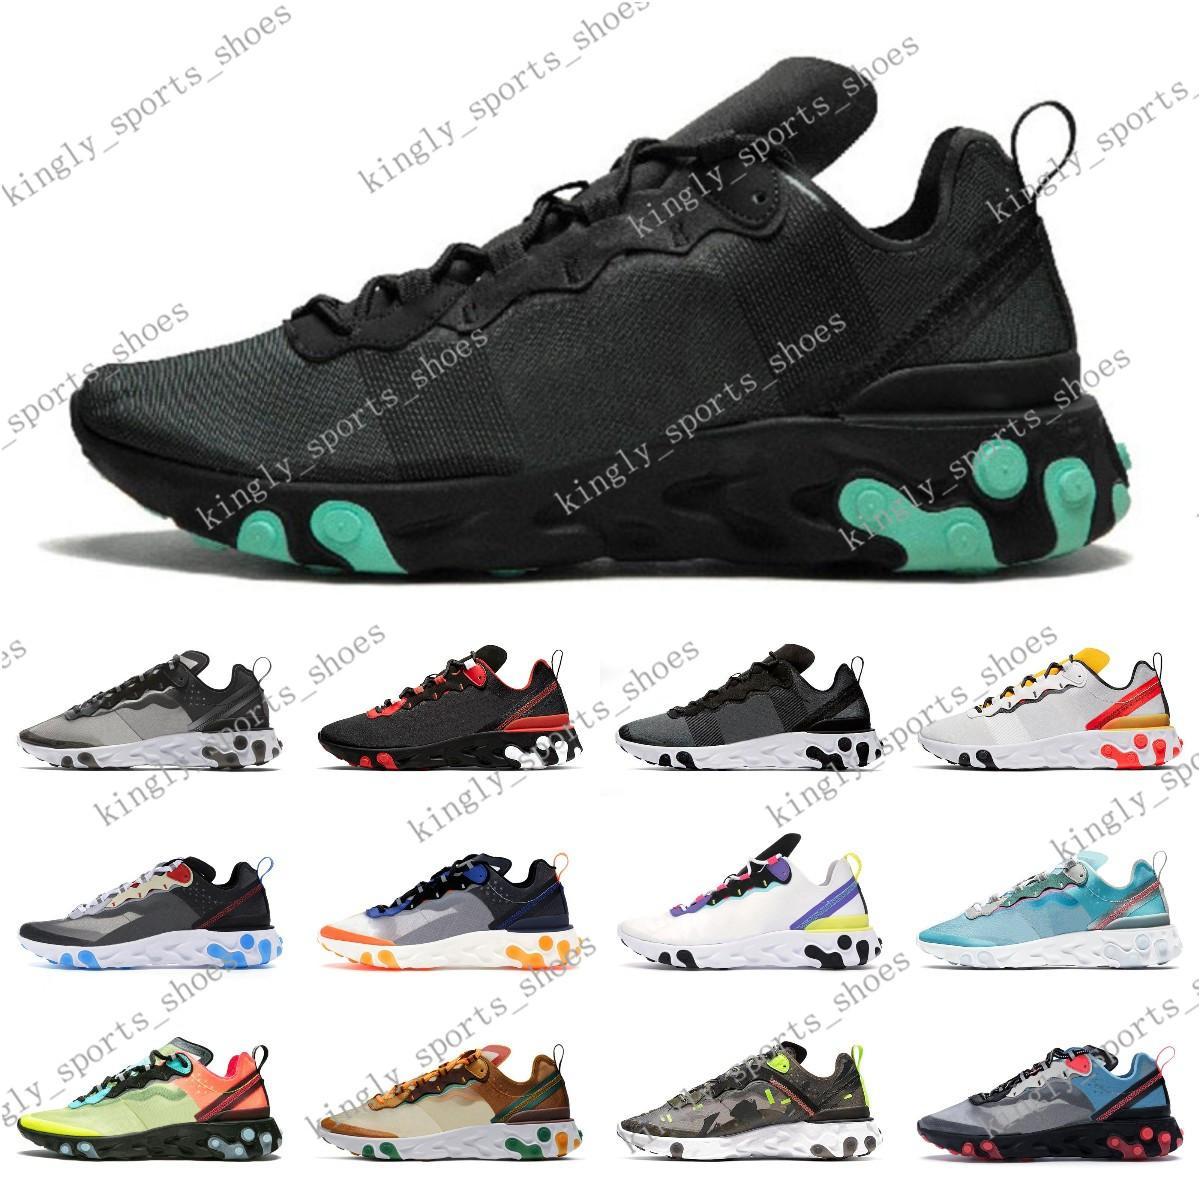 2020 erkekler kadınlar Işık Kemik üçlü siyah için 87 55 koşu ayakkabıları Hiper Pink yetiştirilen eleman eğitmenler spor ayakkabı 200623C001-11 runner mens